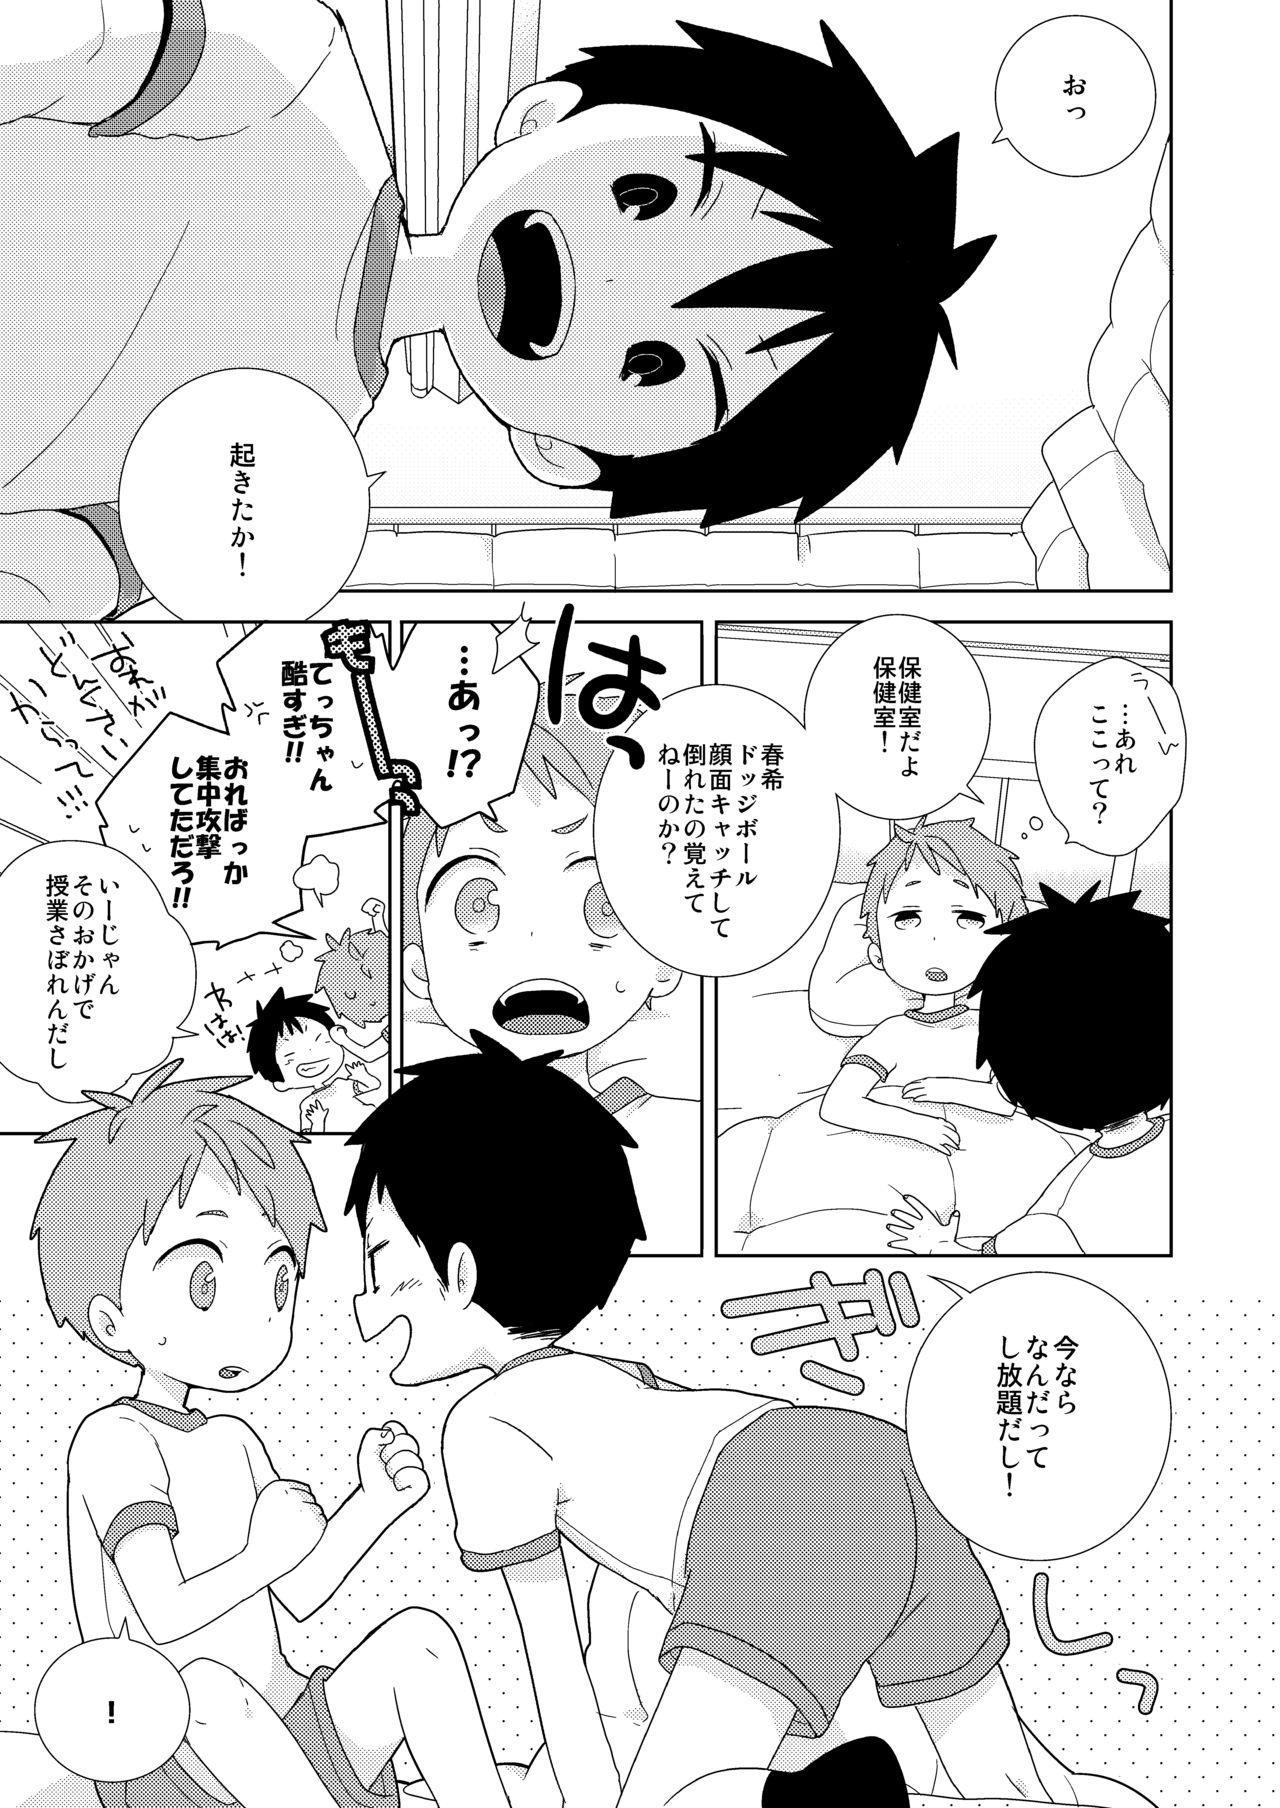 Tomodachi to wa Konna Koto Shinai! 2